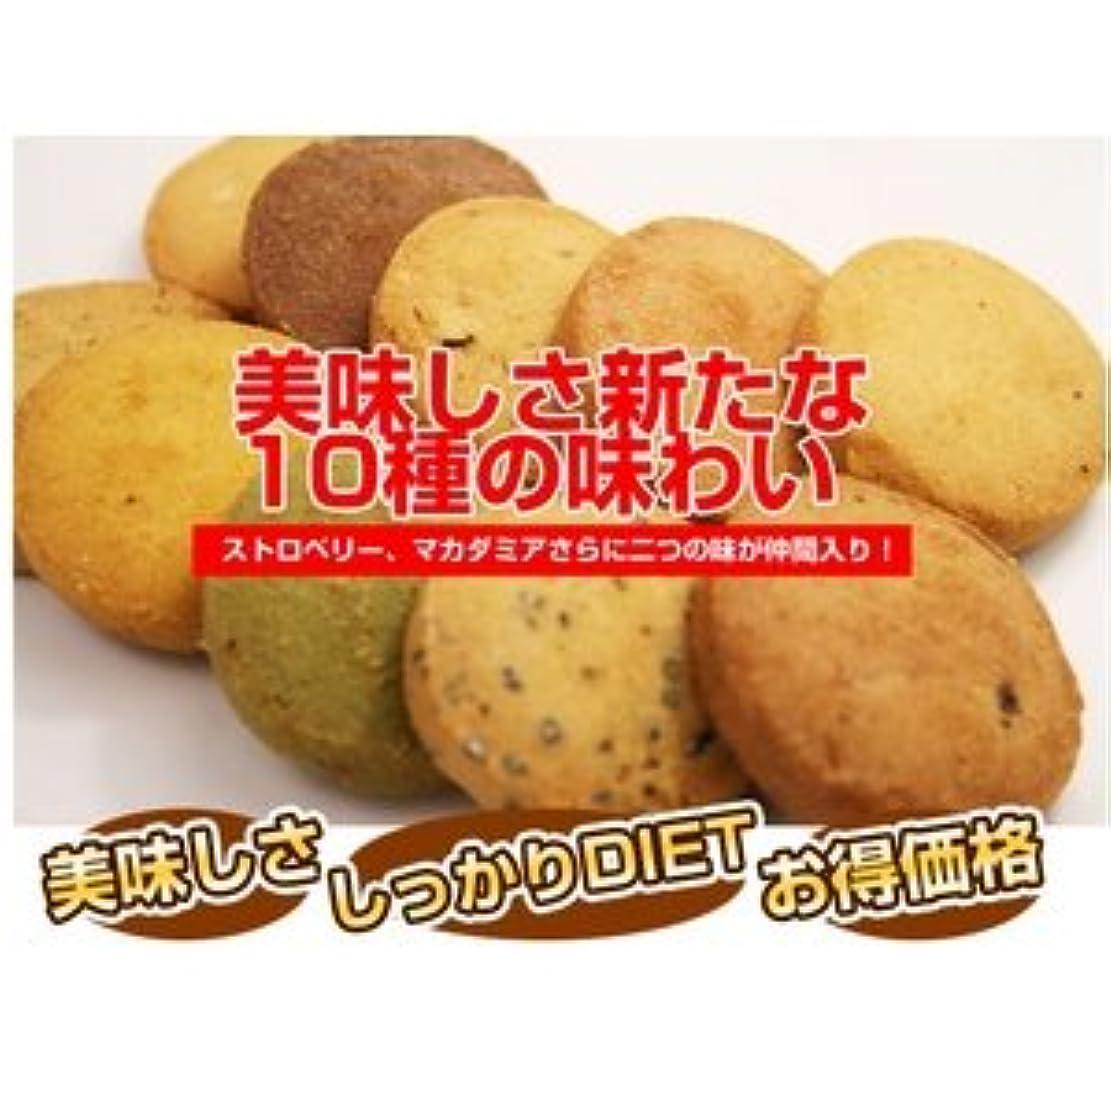 メアリアンジョーンズ長方形挑発する10種の豆乳おからクッキー 1kg(500g×2)